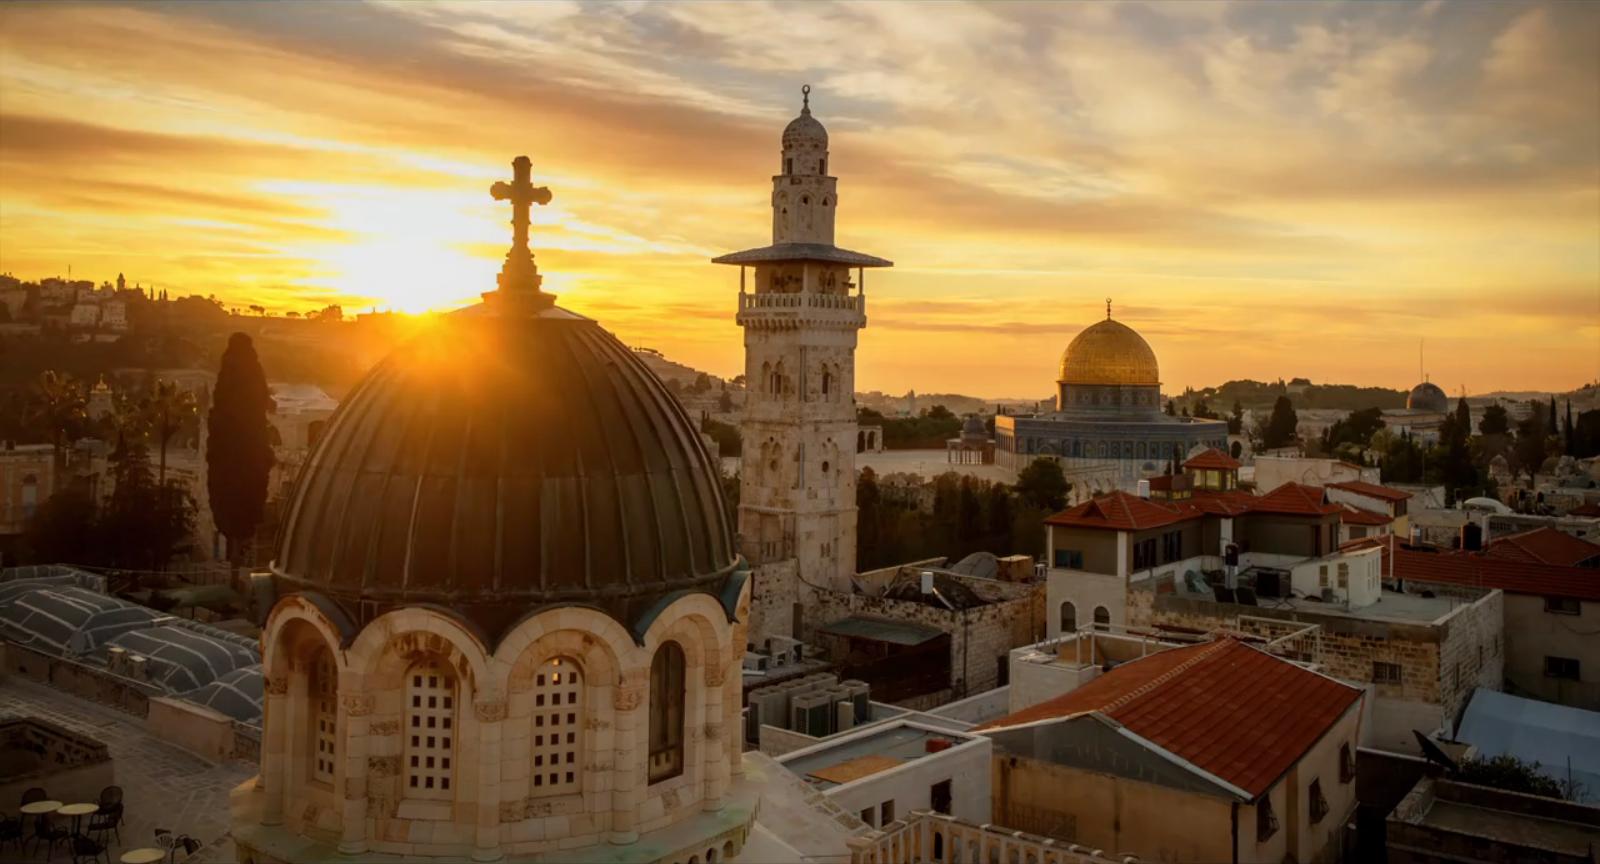 линейка банка краткий обзор город давида в иерусалиме проверить передние